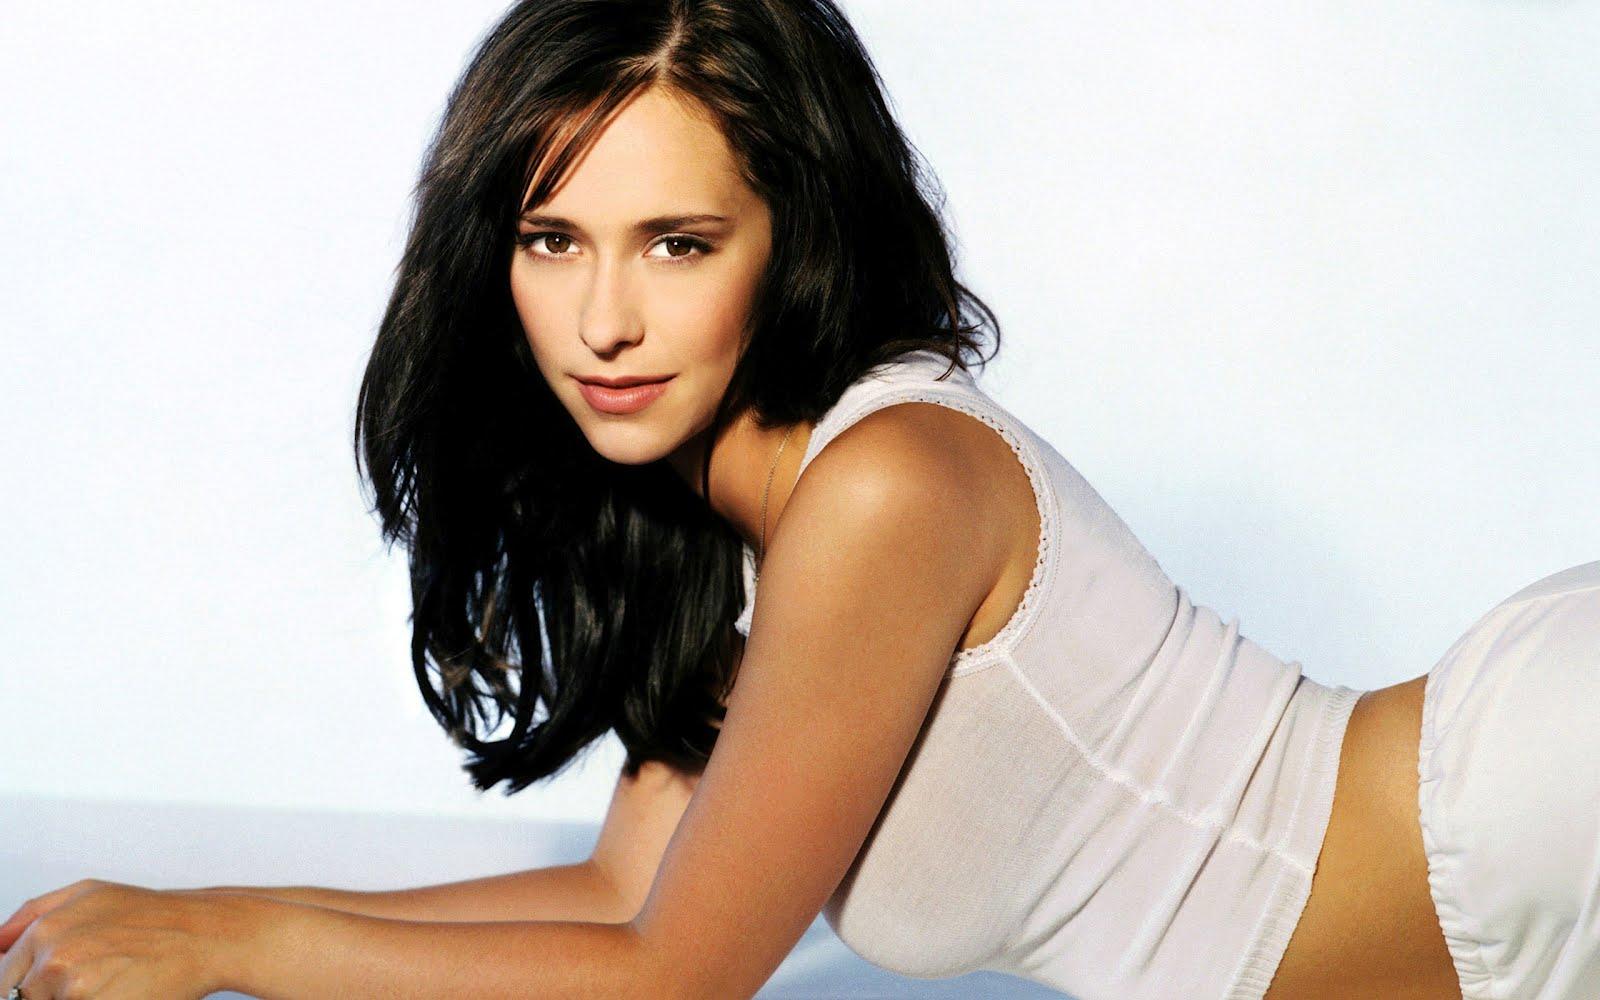 http://3.bp.blogspot.com/-d--mHUFBaKw/T9NLbe_MKeI/AAAAAAAABQ4/2h7v8RiDeYQ/s1600/Jennifer%2BLove%2BHewitt%2BHairstyles%2BPictures%2B8.jpg